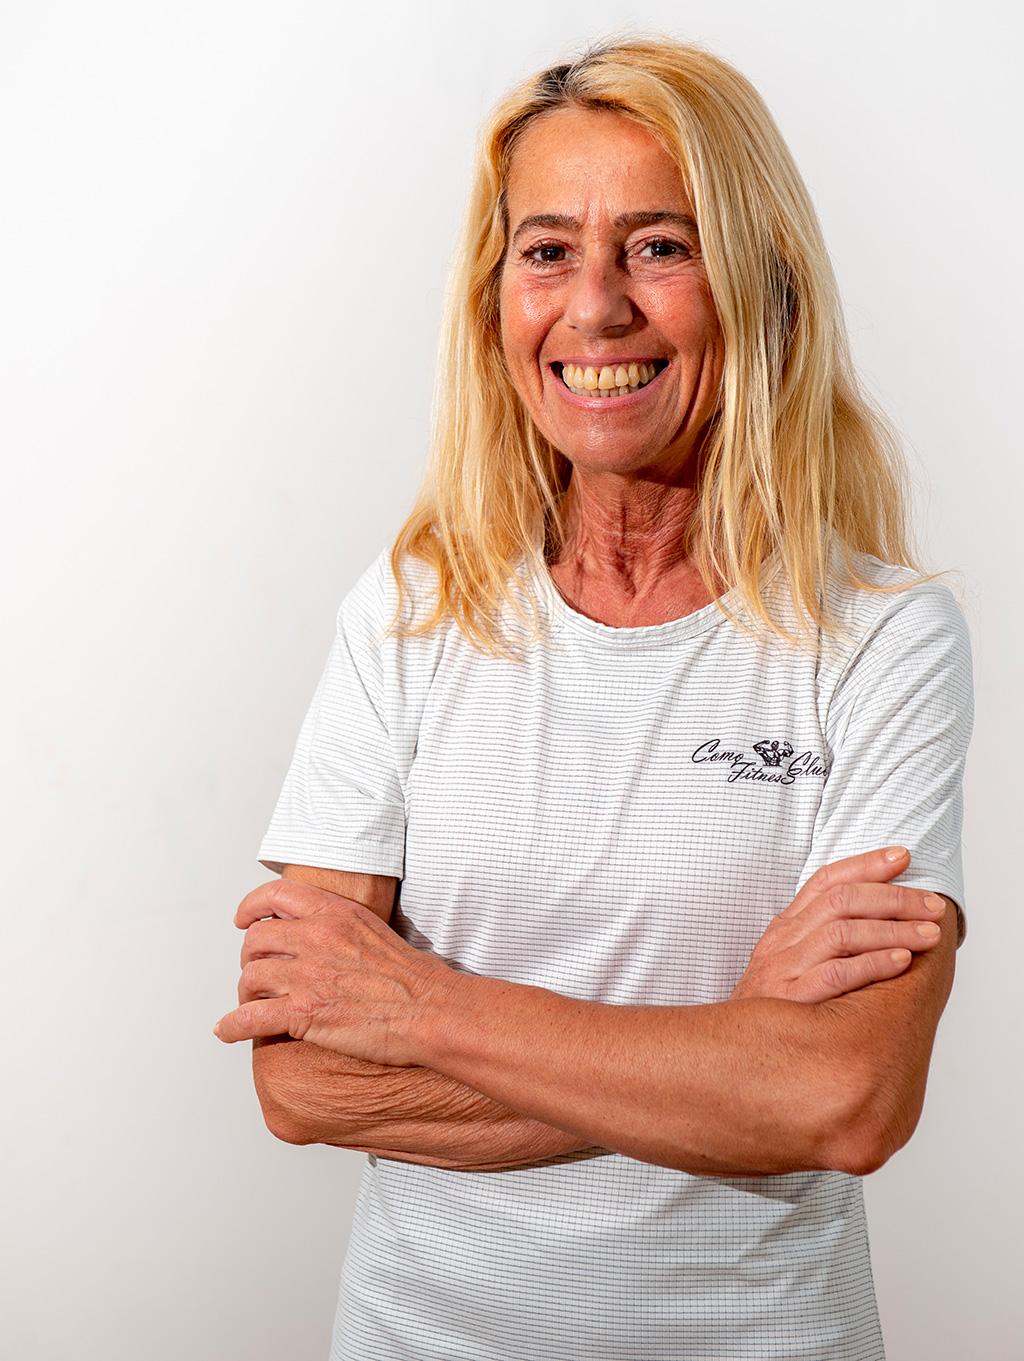 Laura Baserga como fitness club